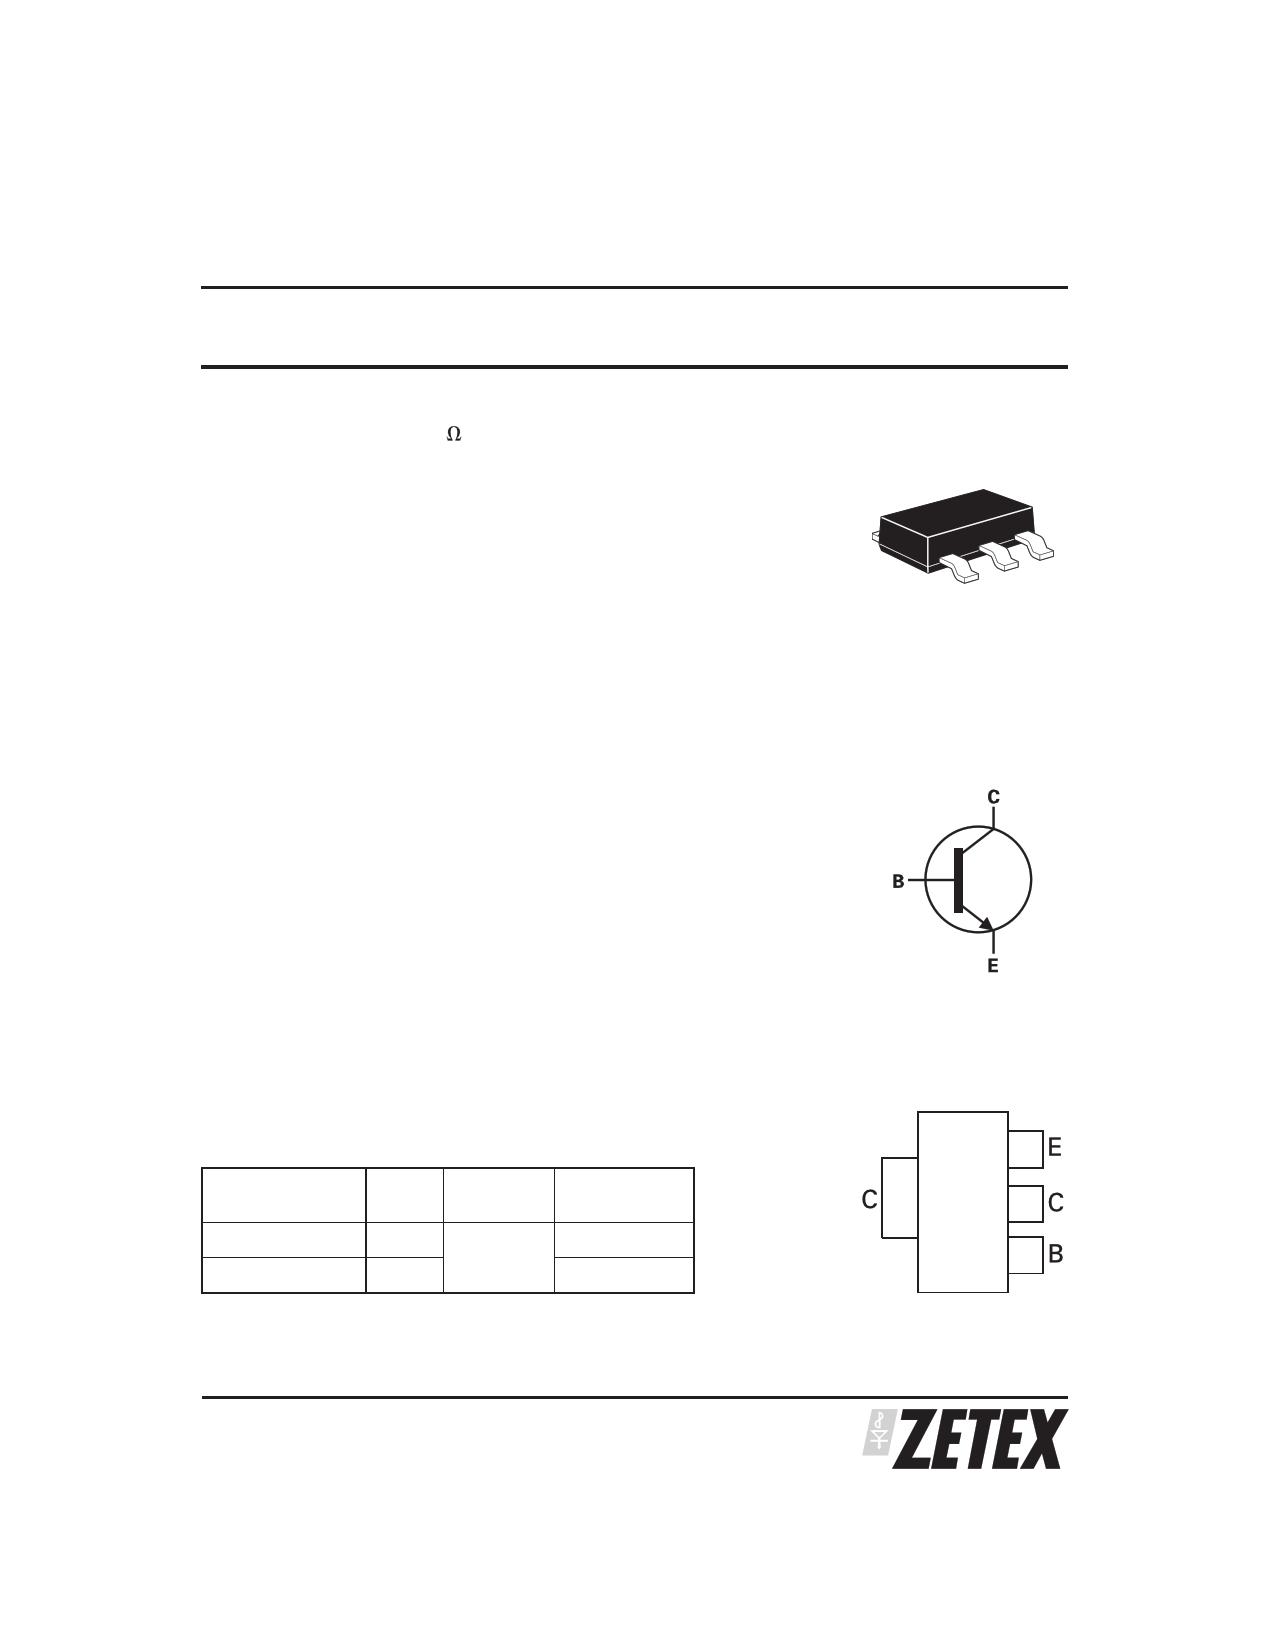 ZX5T851GTC datasheet